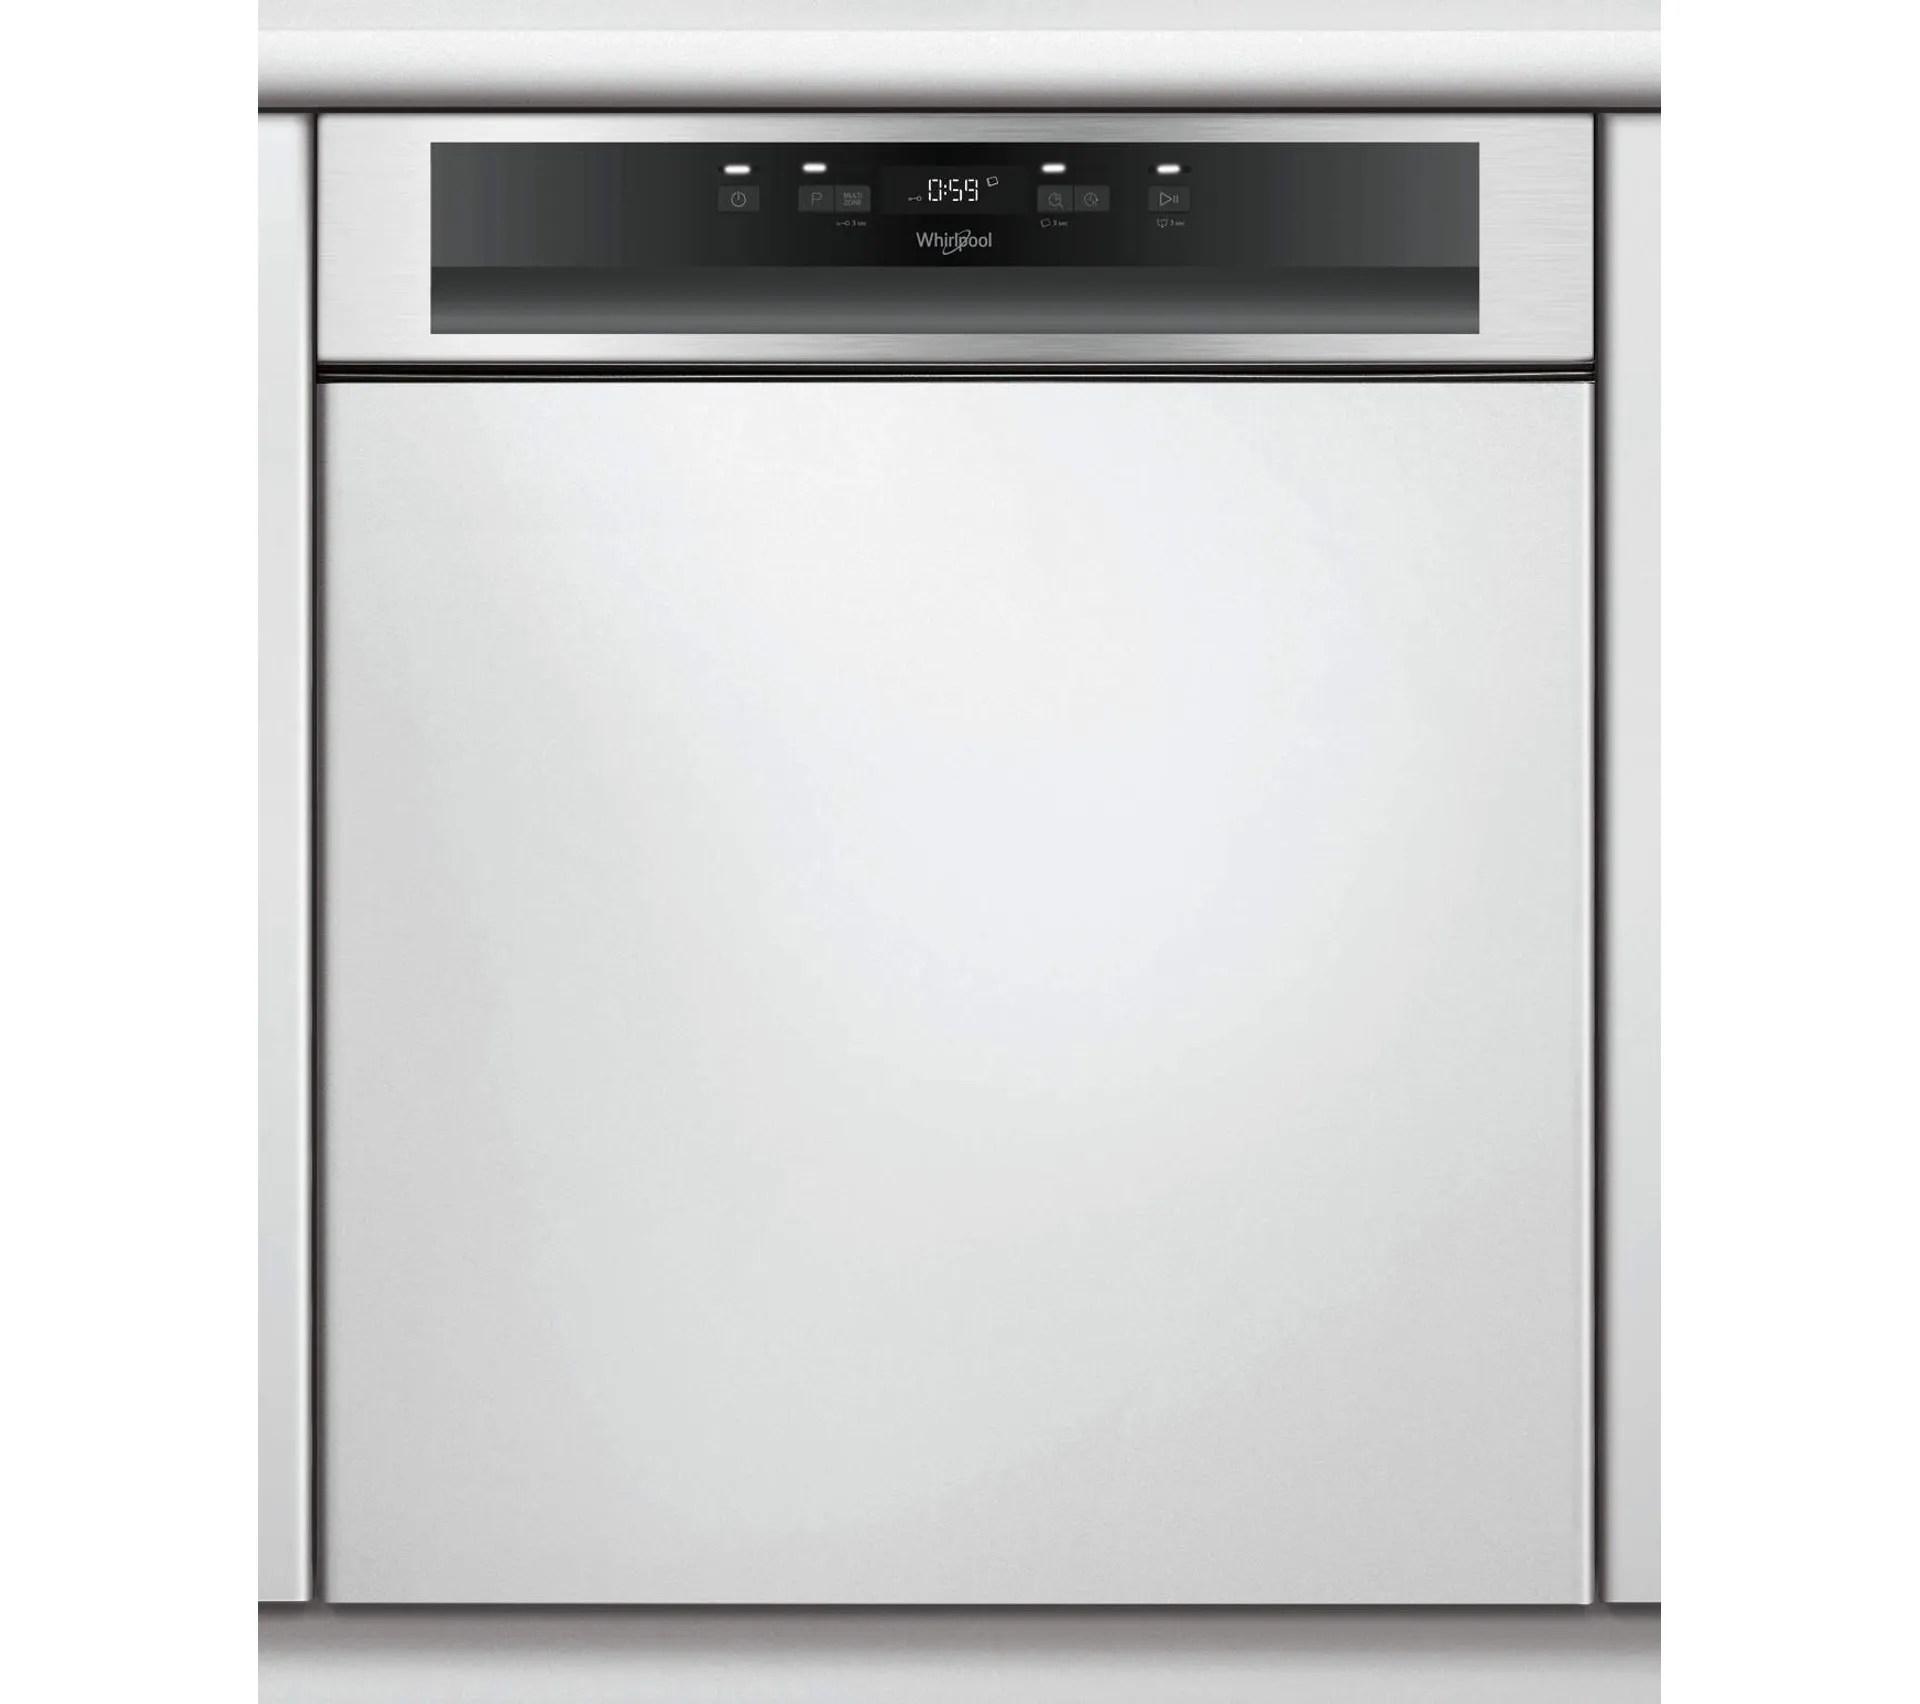 lave vaisselle 60 cm 14c 46db a integrable avec bandeau inox wbc3c26x